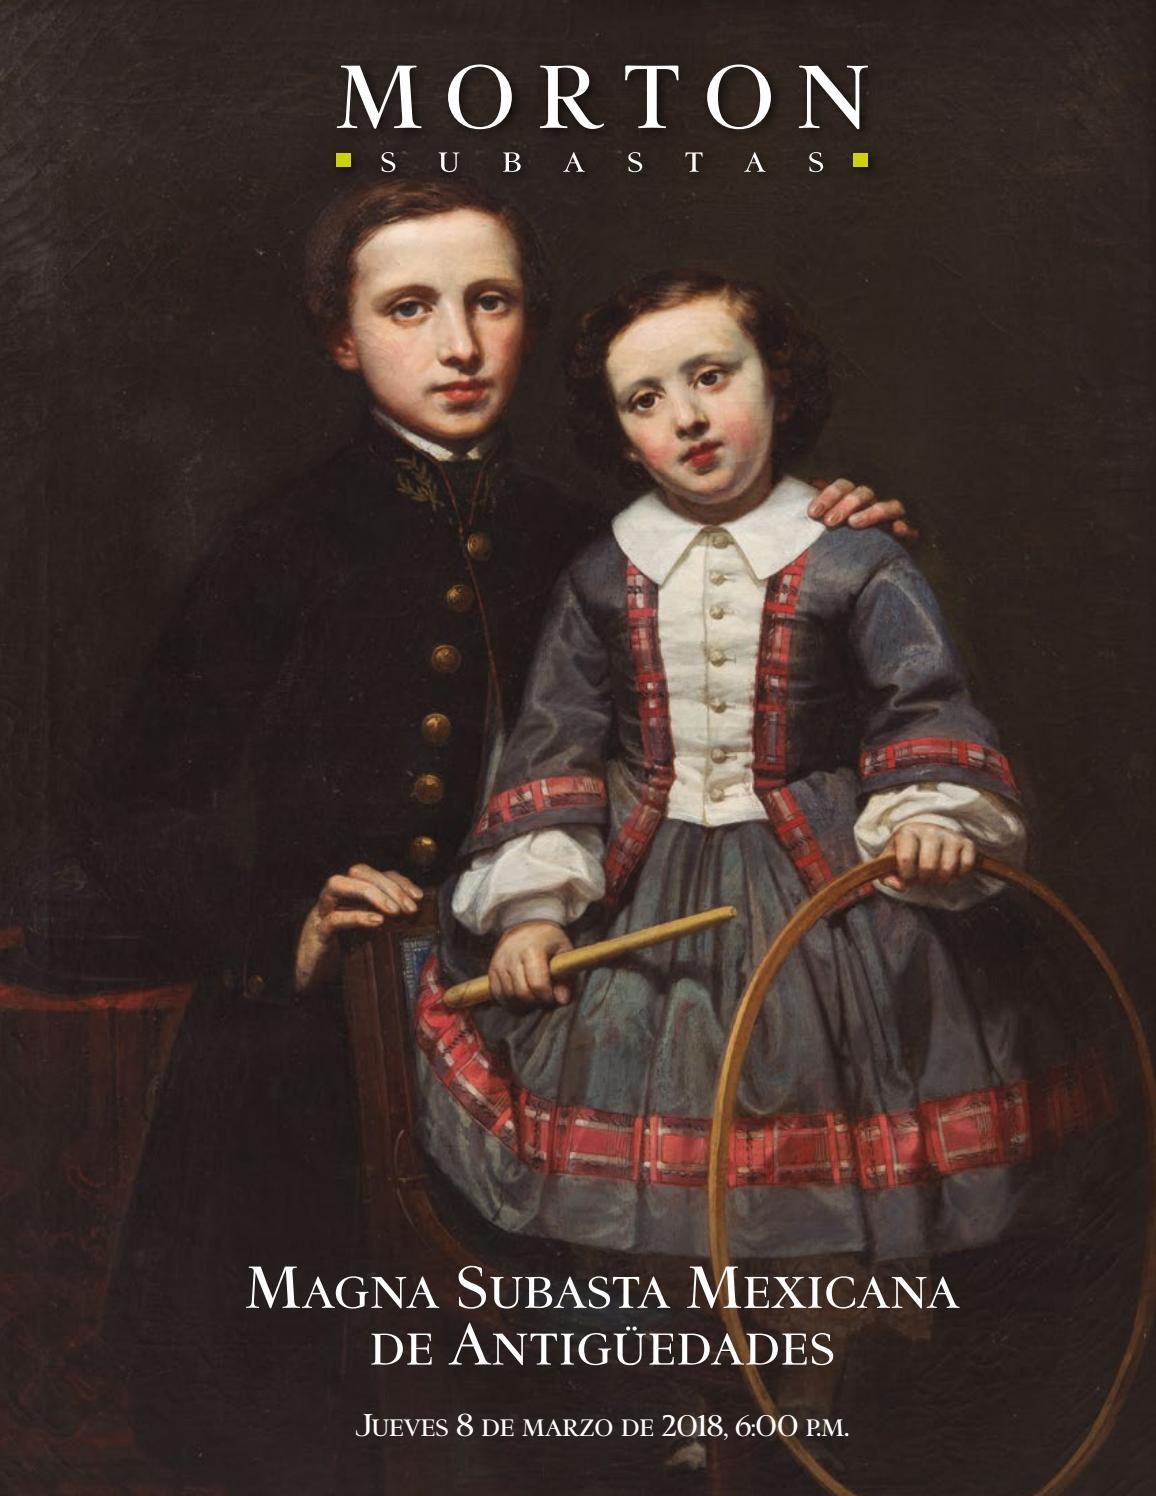 Magna Subasta Mexicana de Antigüedades by Morton Subastas - issuu